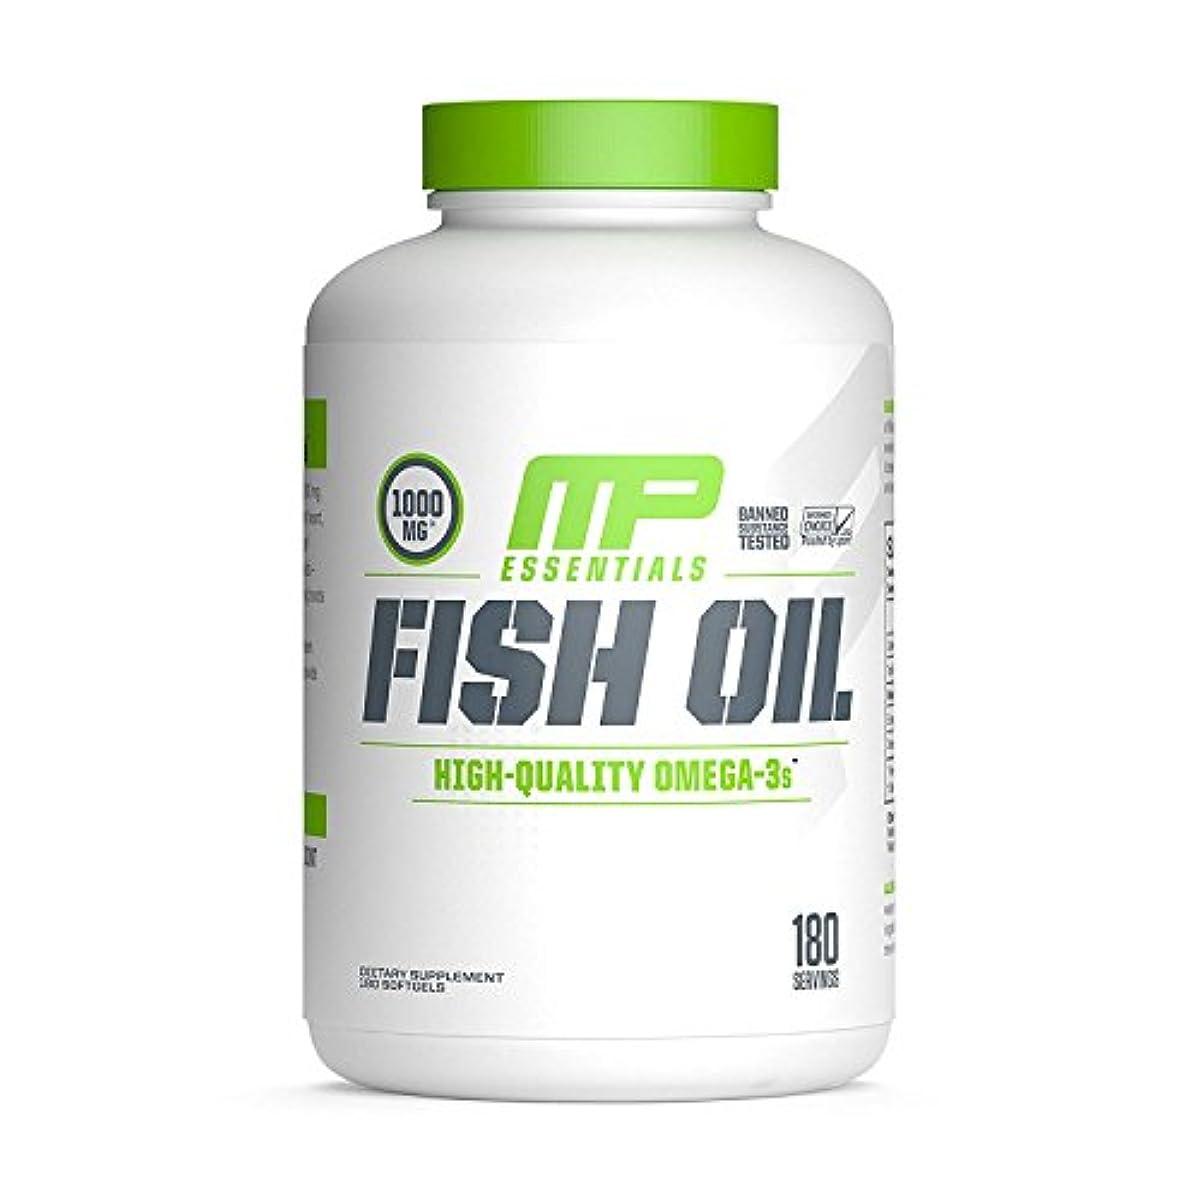 座る蒸熟練した海外直送品 MusclePharm, Fish Oil Essentials 180 Servings [並行輸入品]